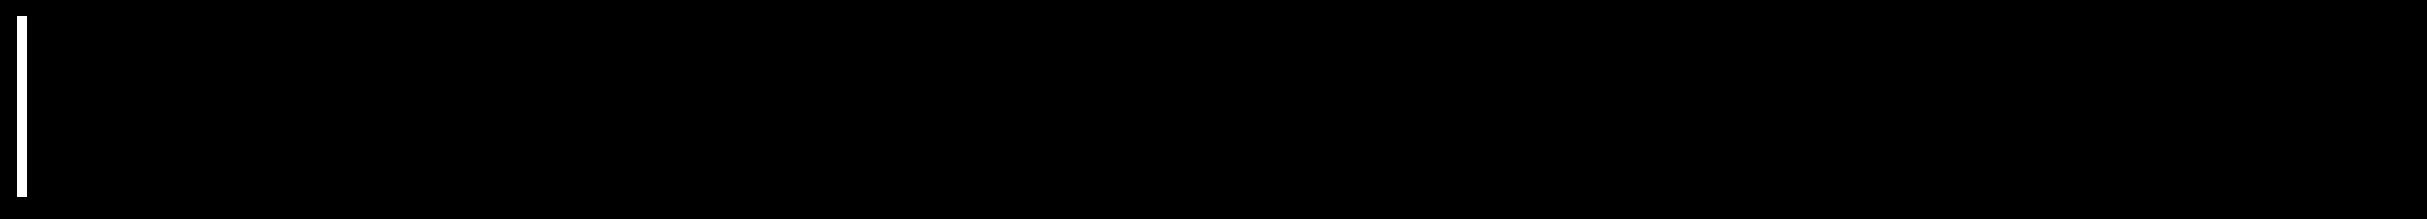 style-by-crane-logo